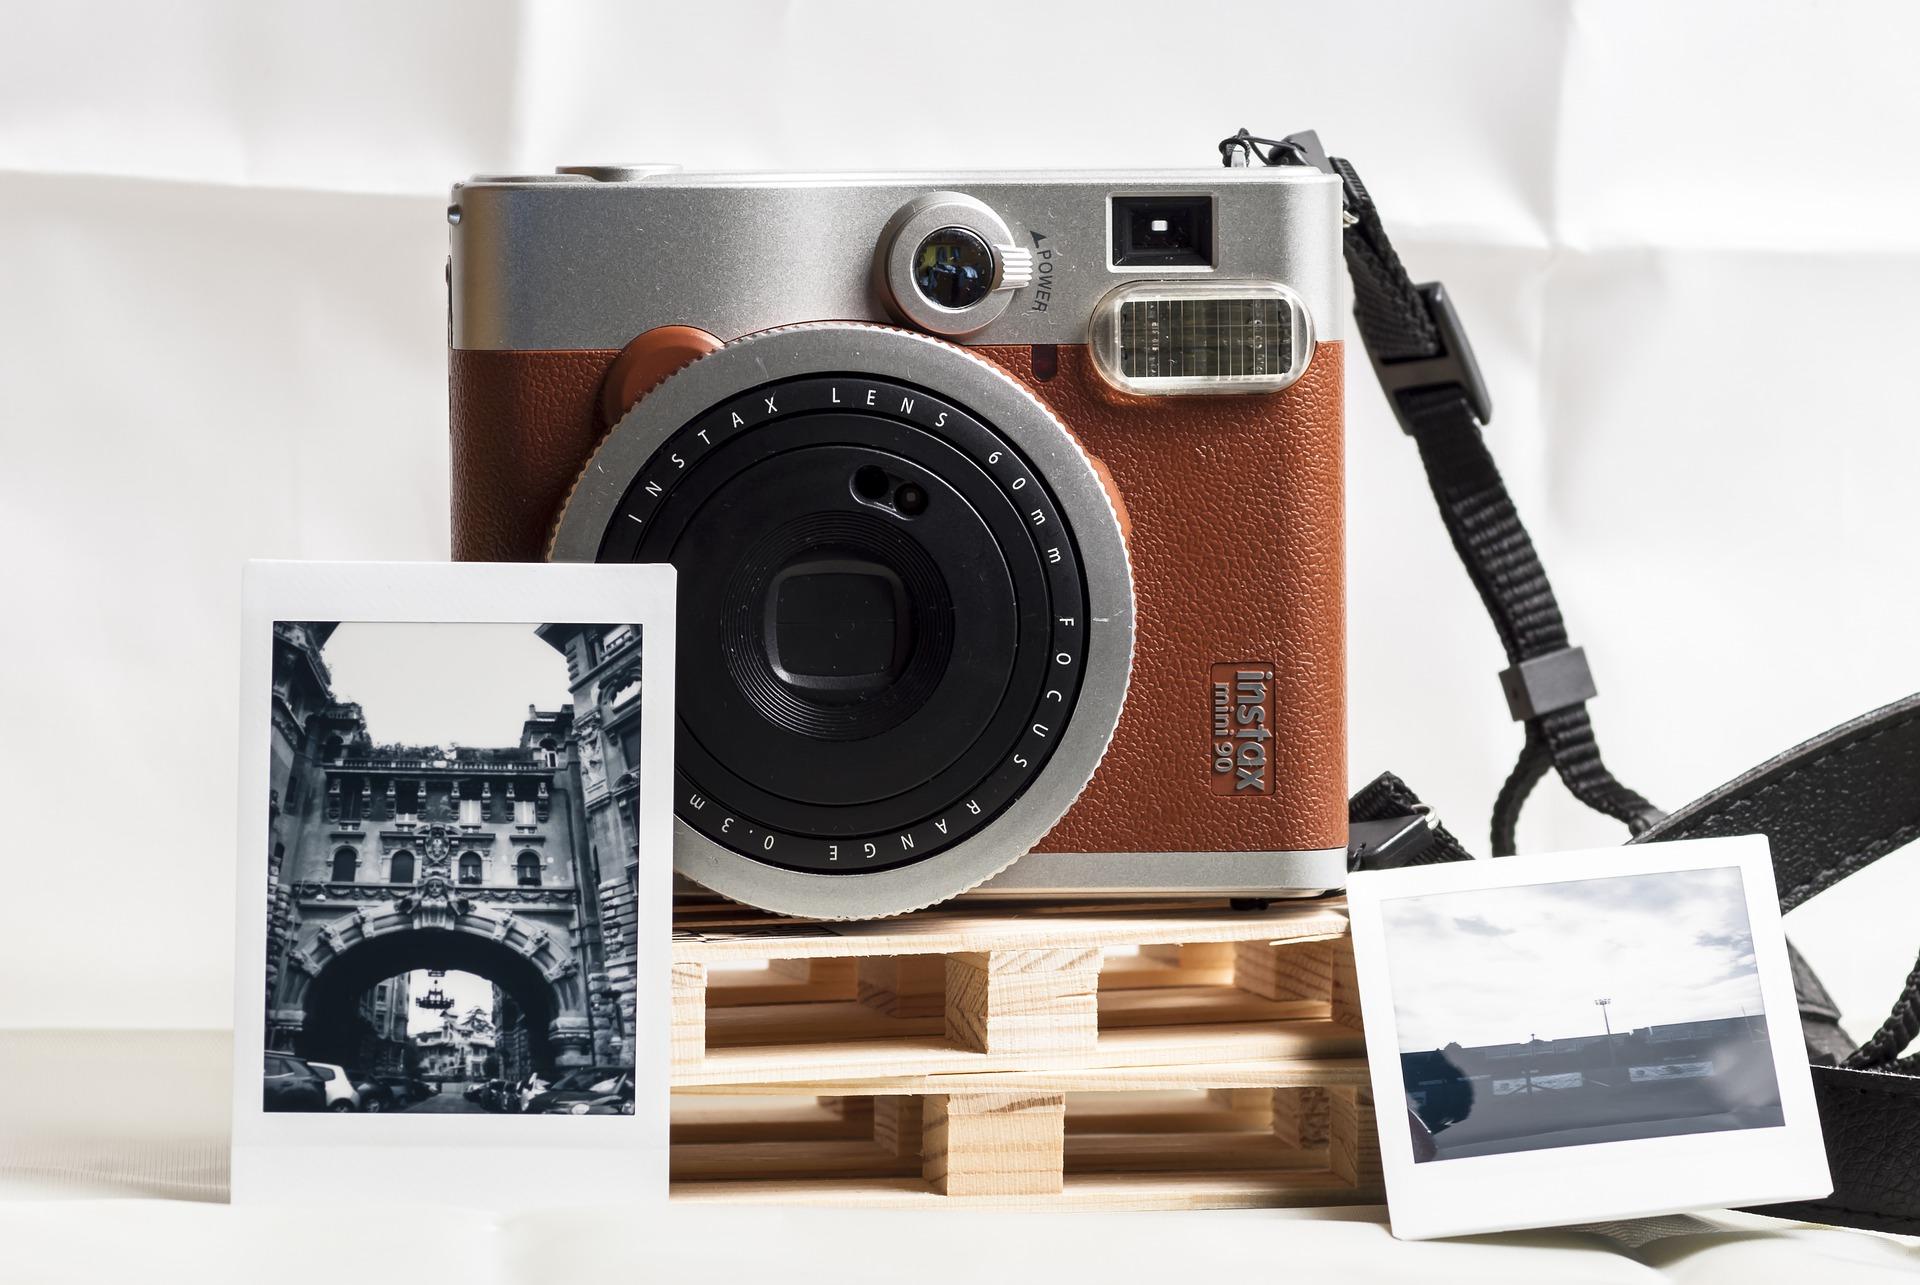 Imagem mostra uma câmera instantânea Polaroid em destaque.